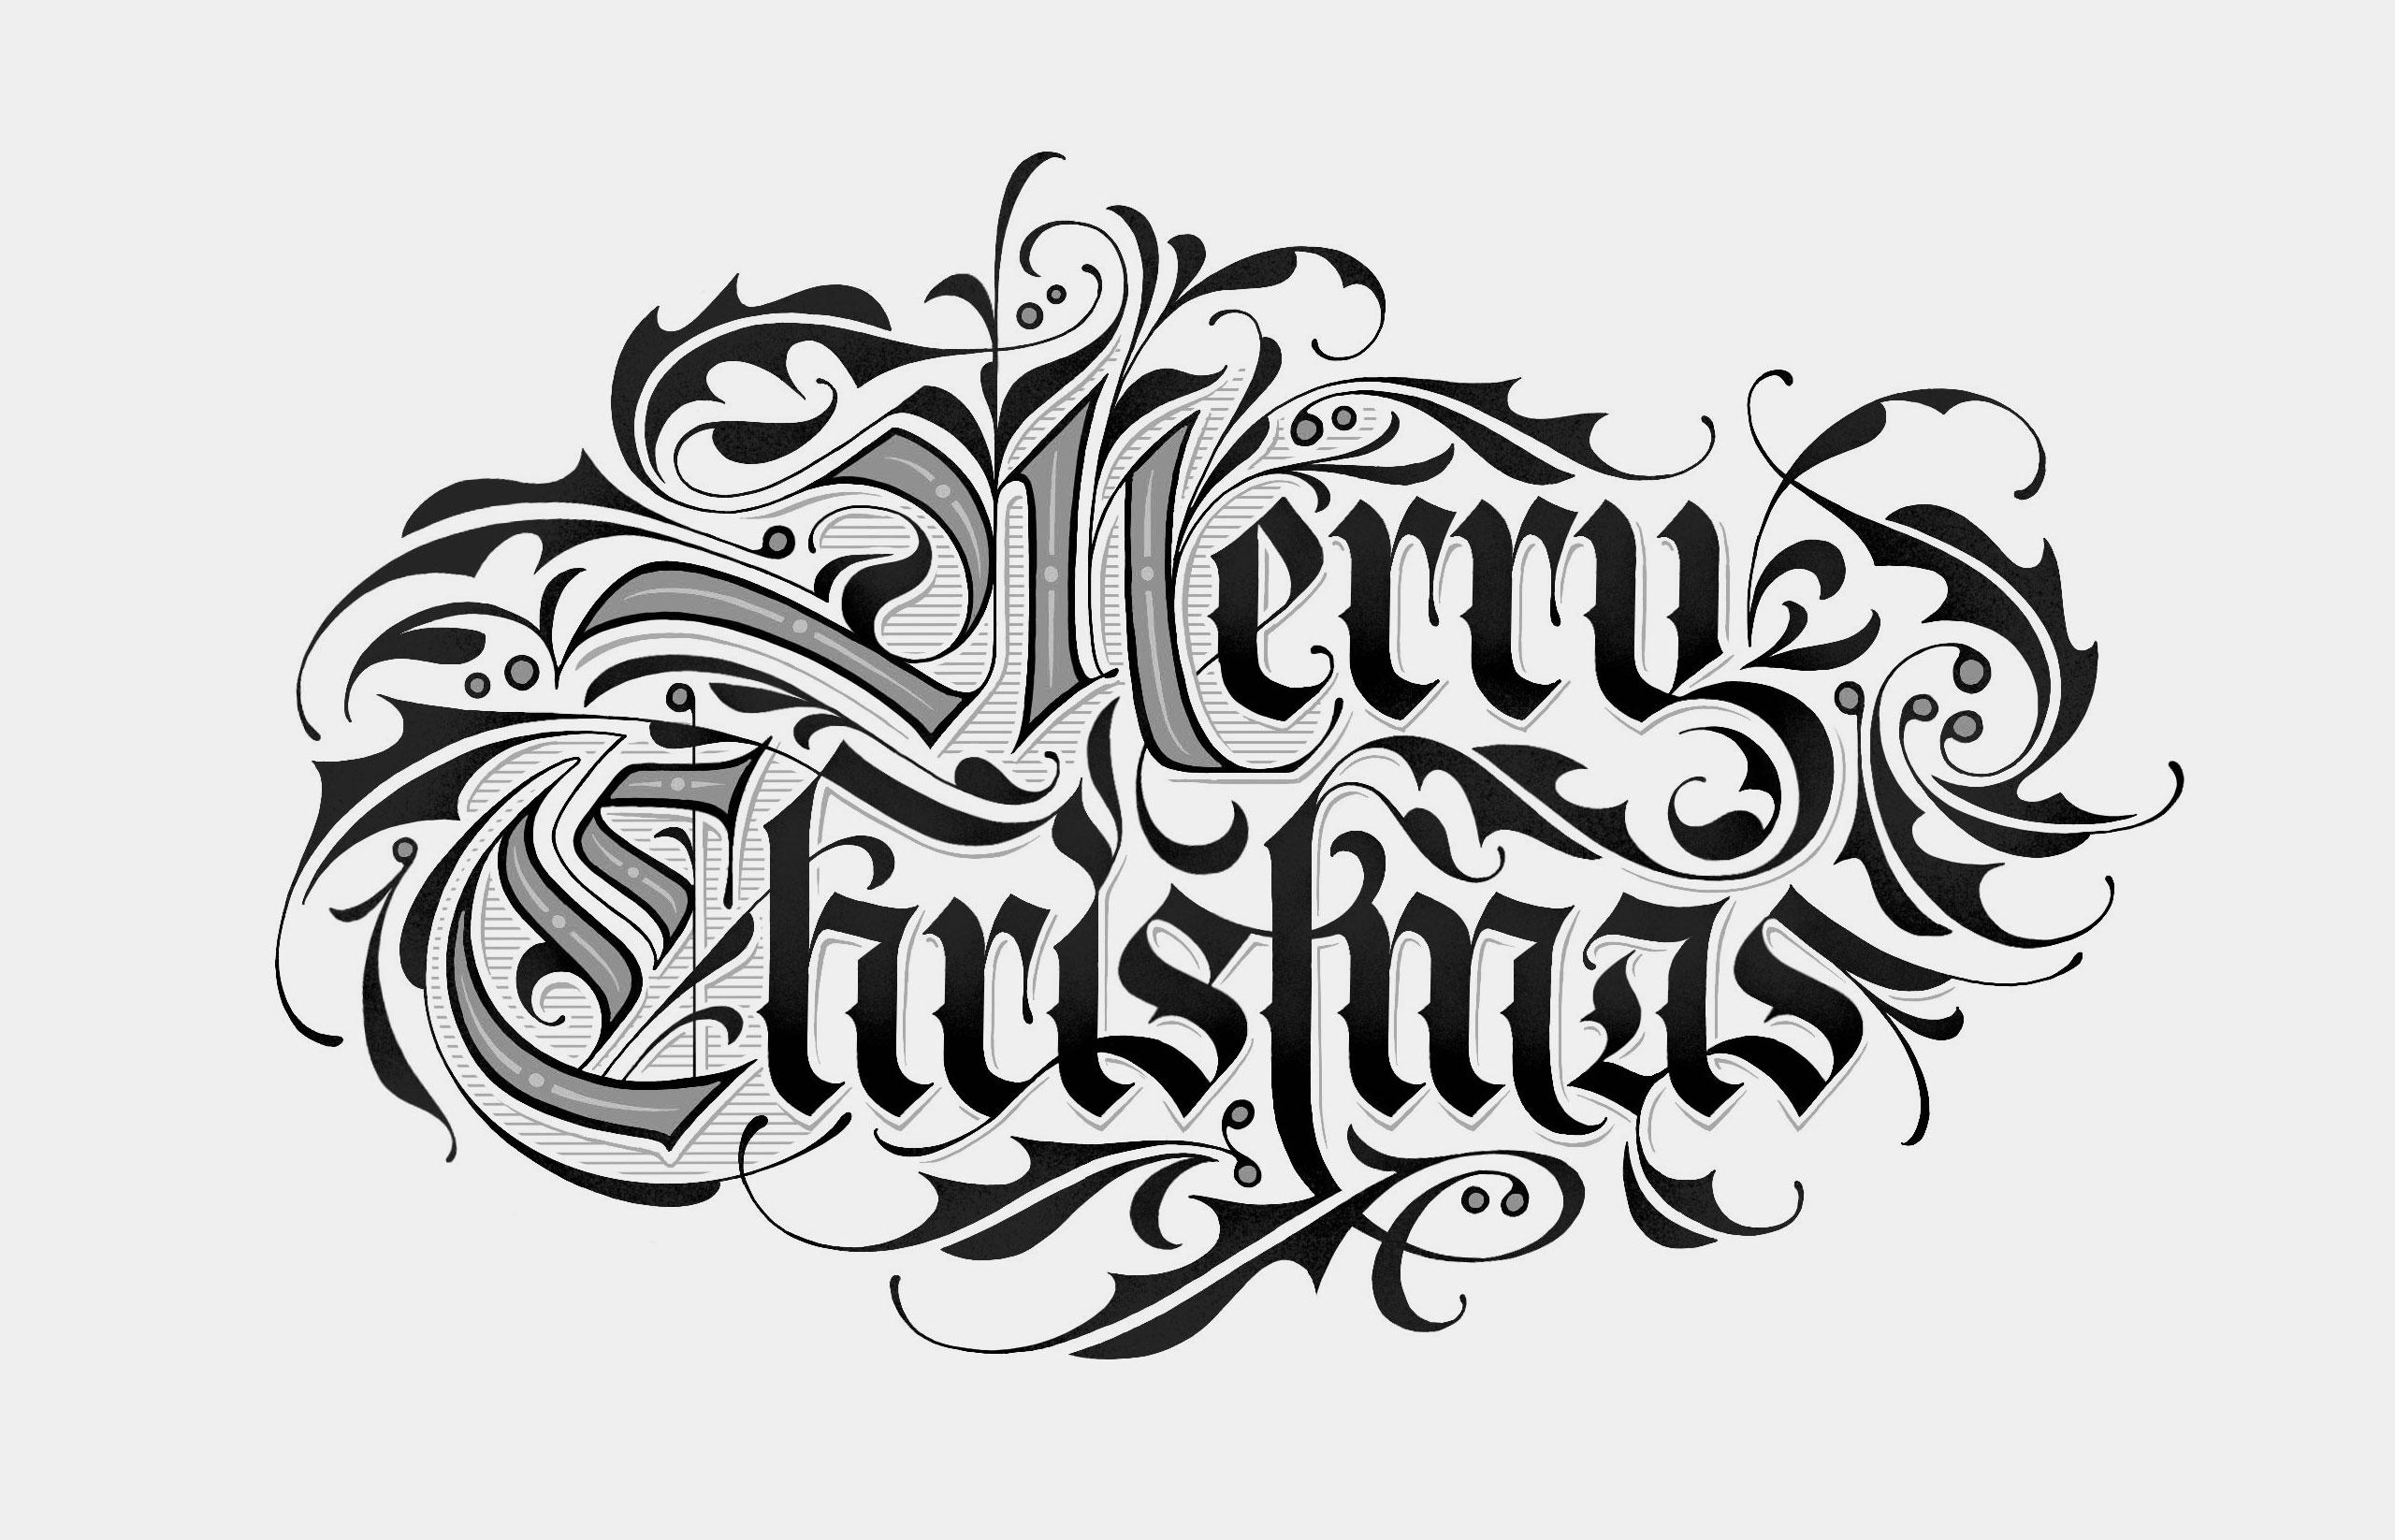 Merry Christmas (sketch) –